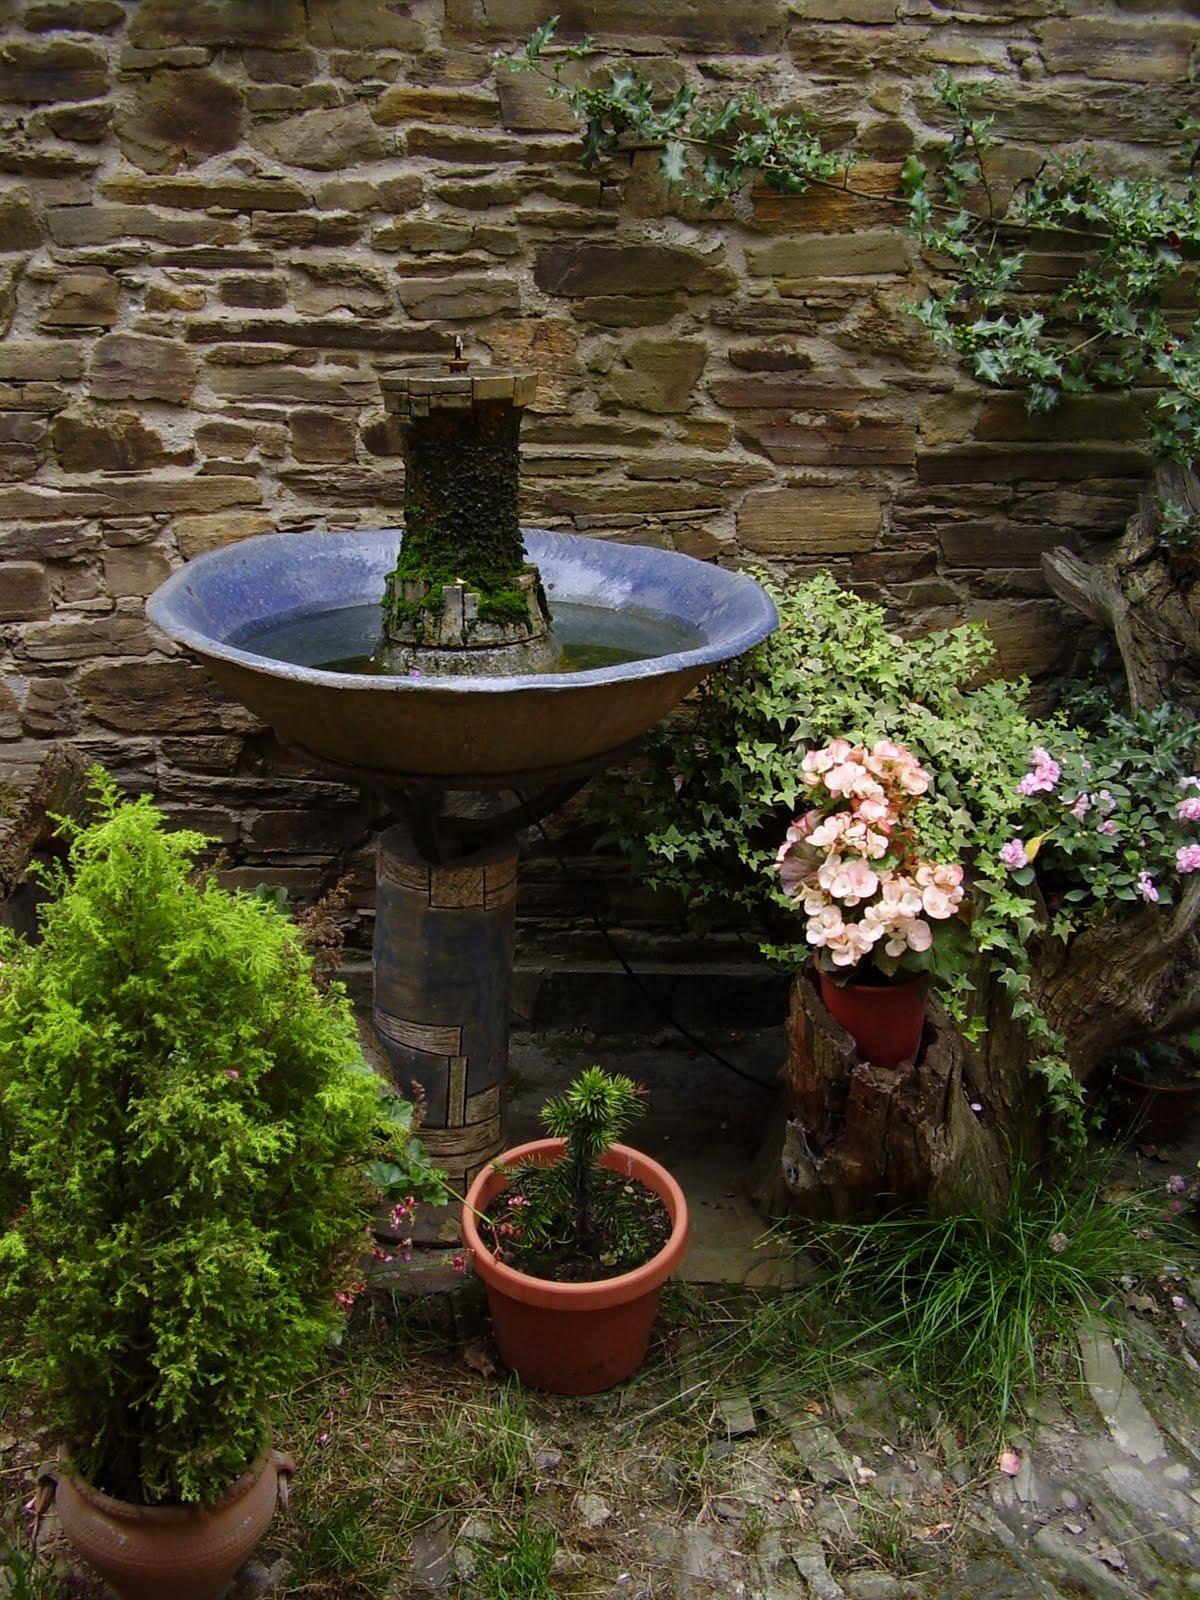 Fuentes ornamentales de interior y exterior for Fuentes ornamentales jardin